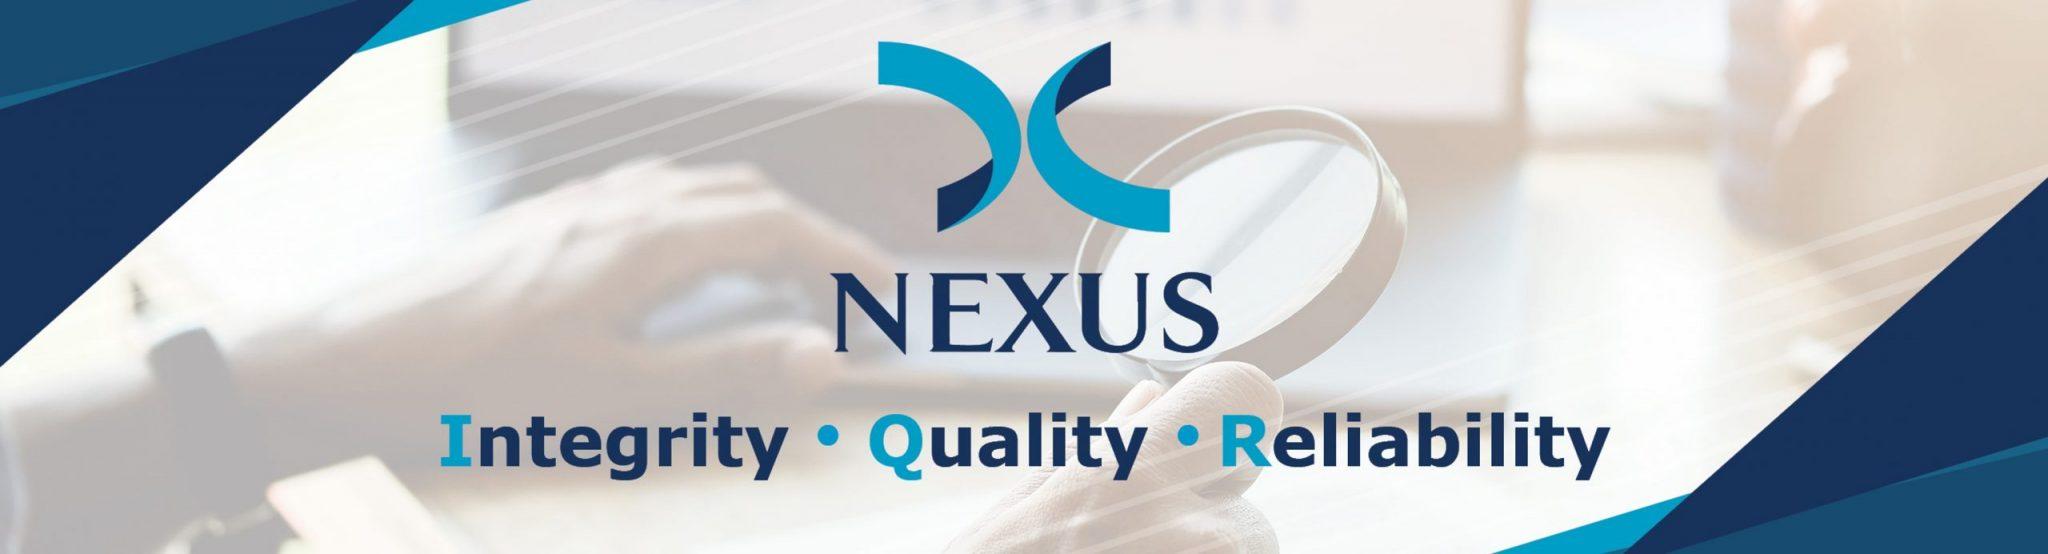 Nexus Banner image 16